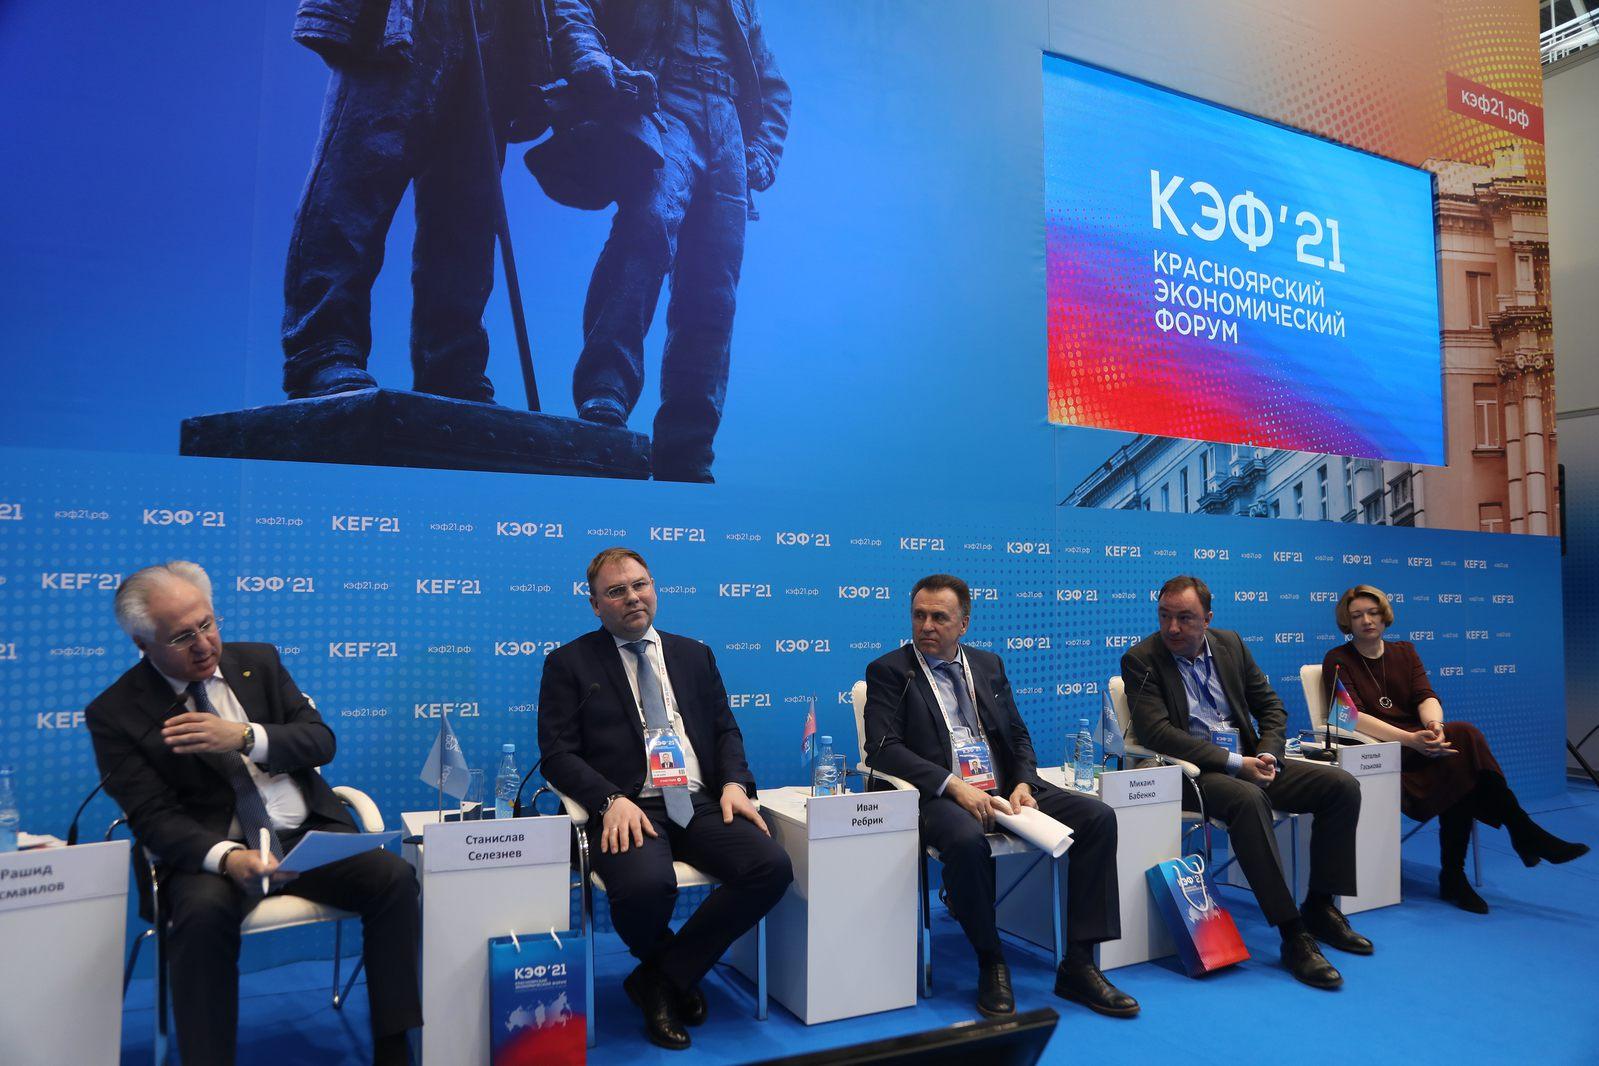 Красноярский экономический форум 2021